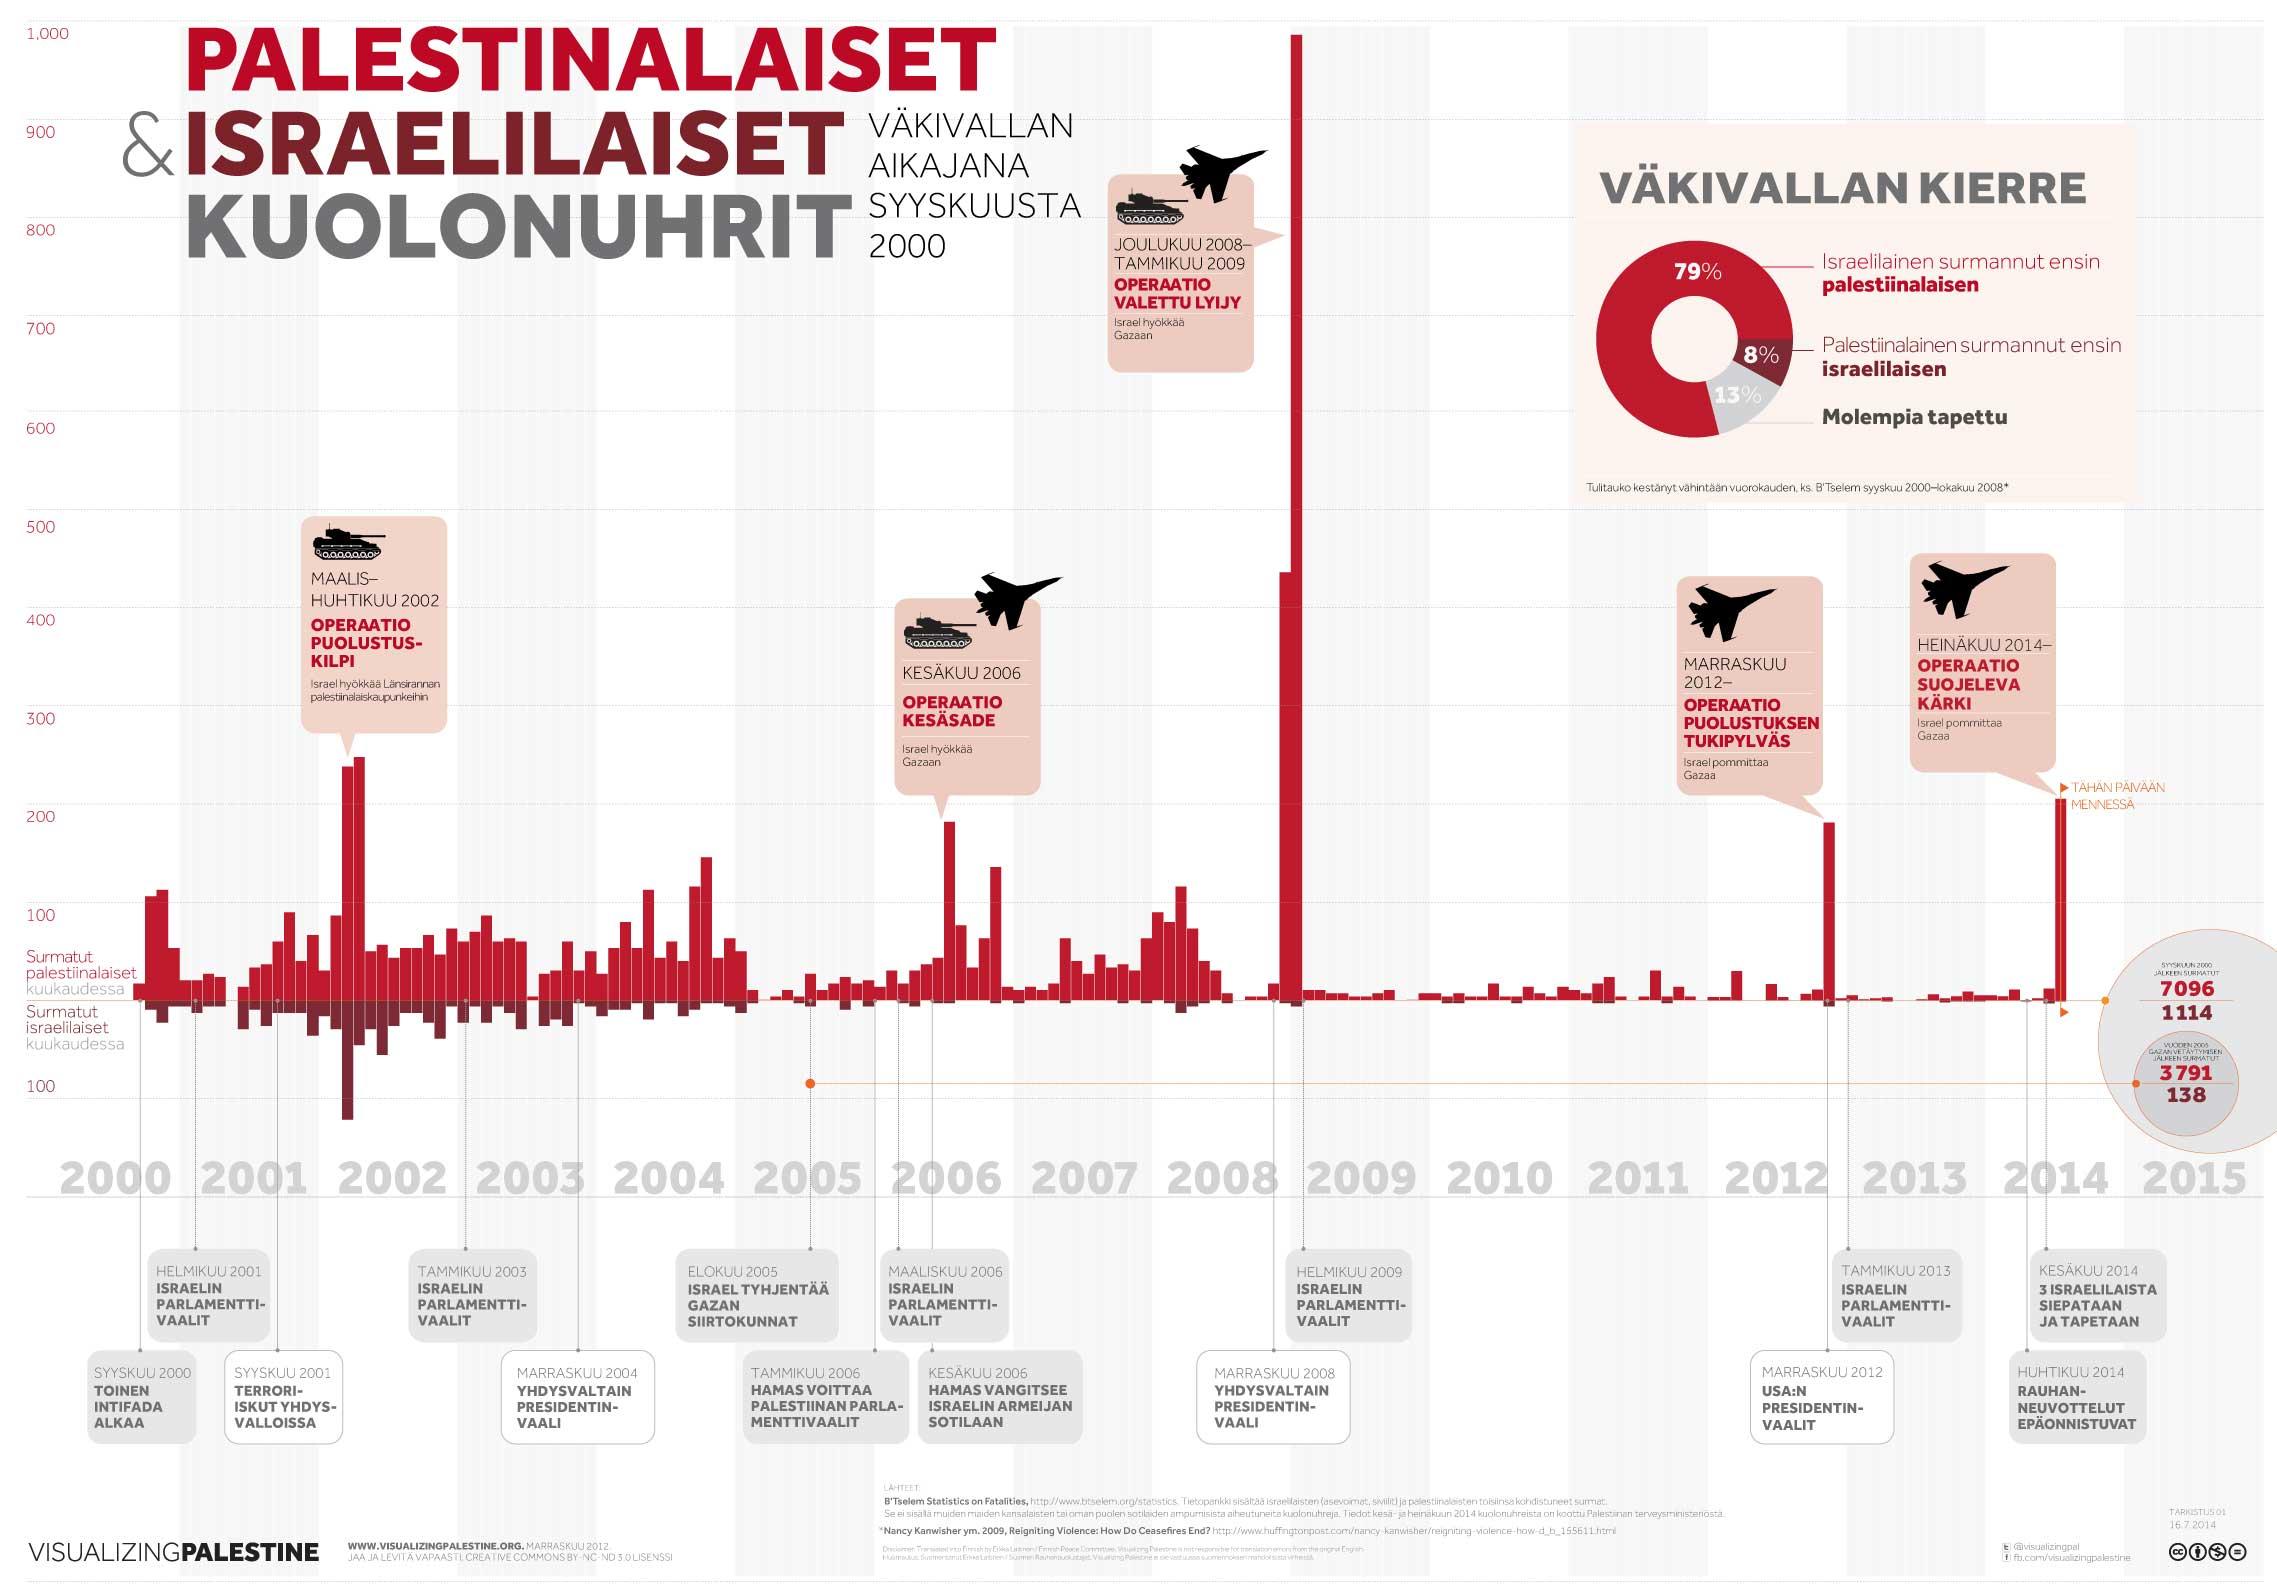 PALESTINALAISET  Ja ISRAELILAISET KUOLONUHRIT: Aikajana Väkivalta syyskuusta 2000 lähtien